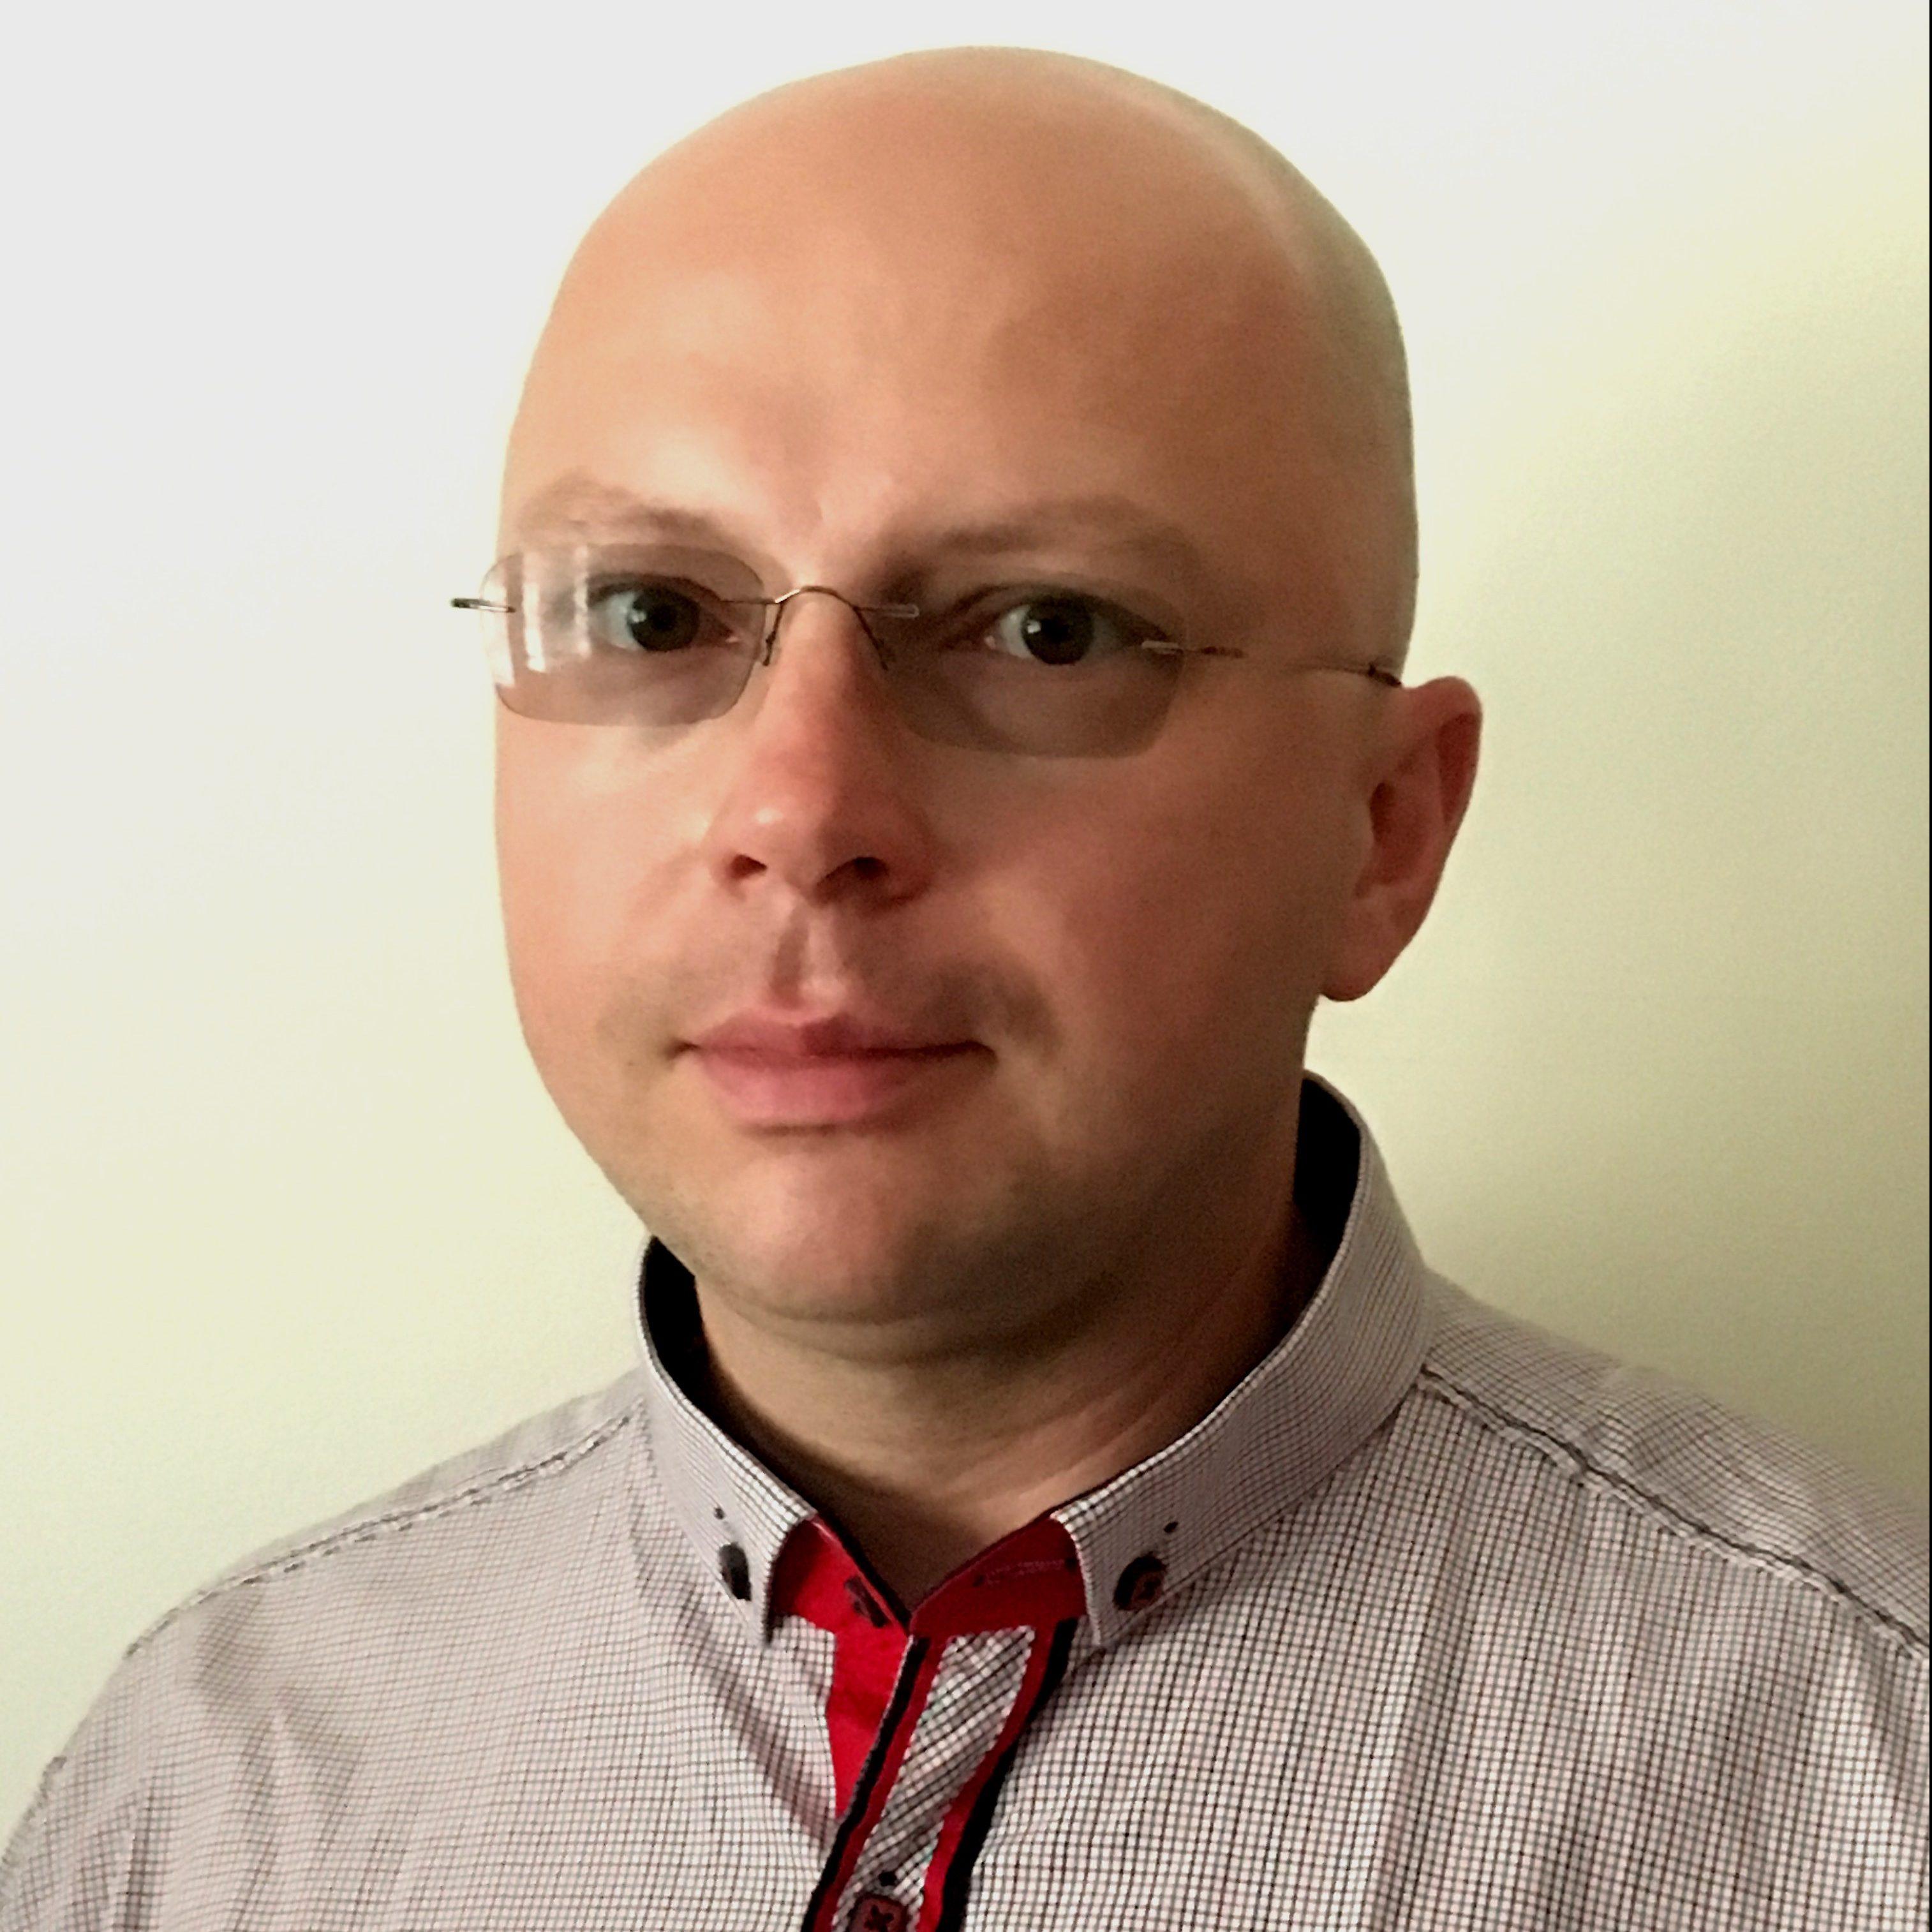 Radoslav Maslík